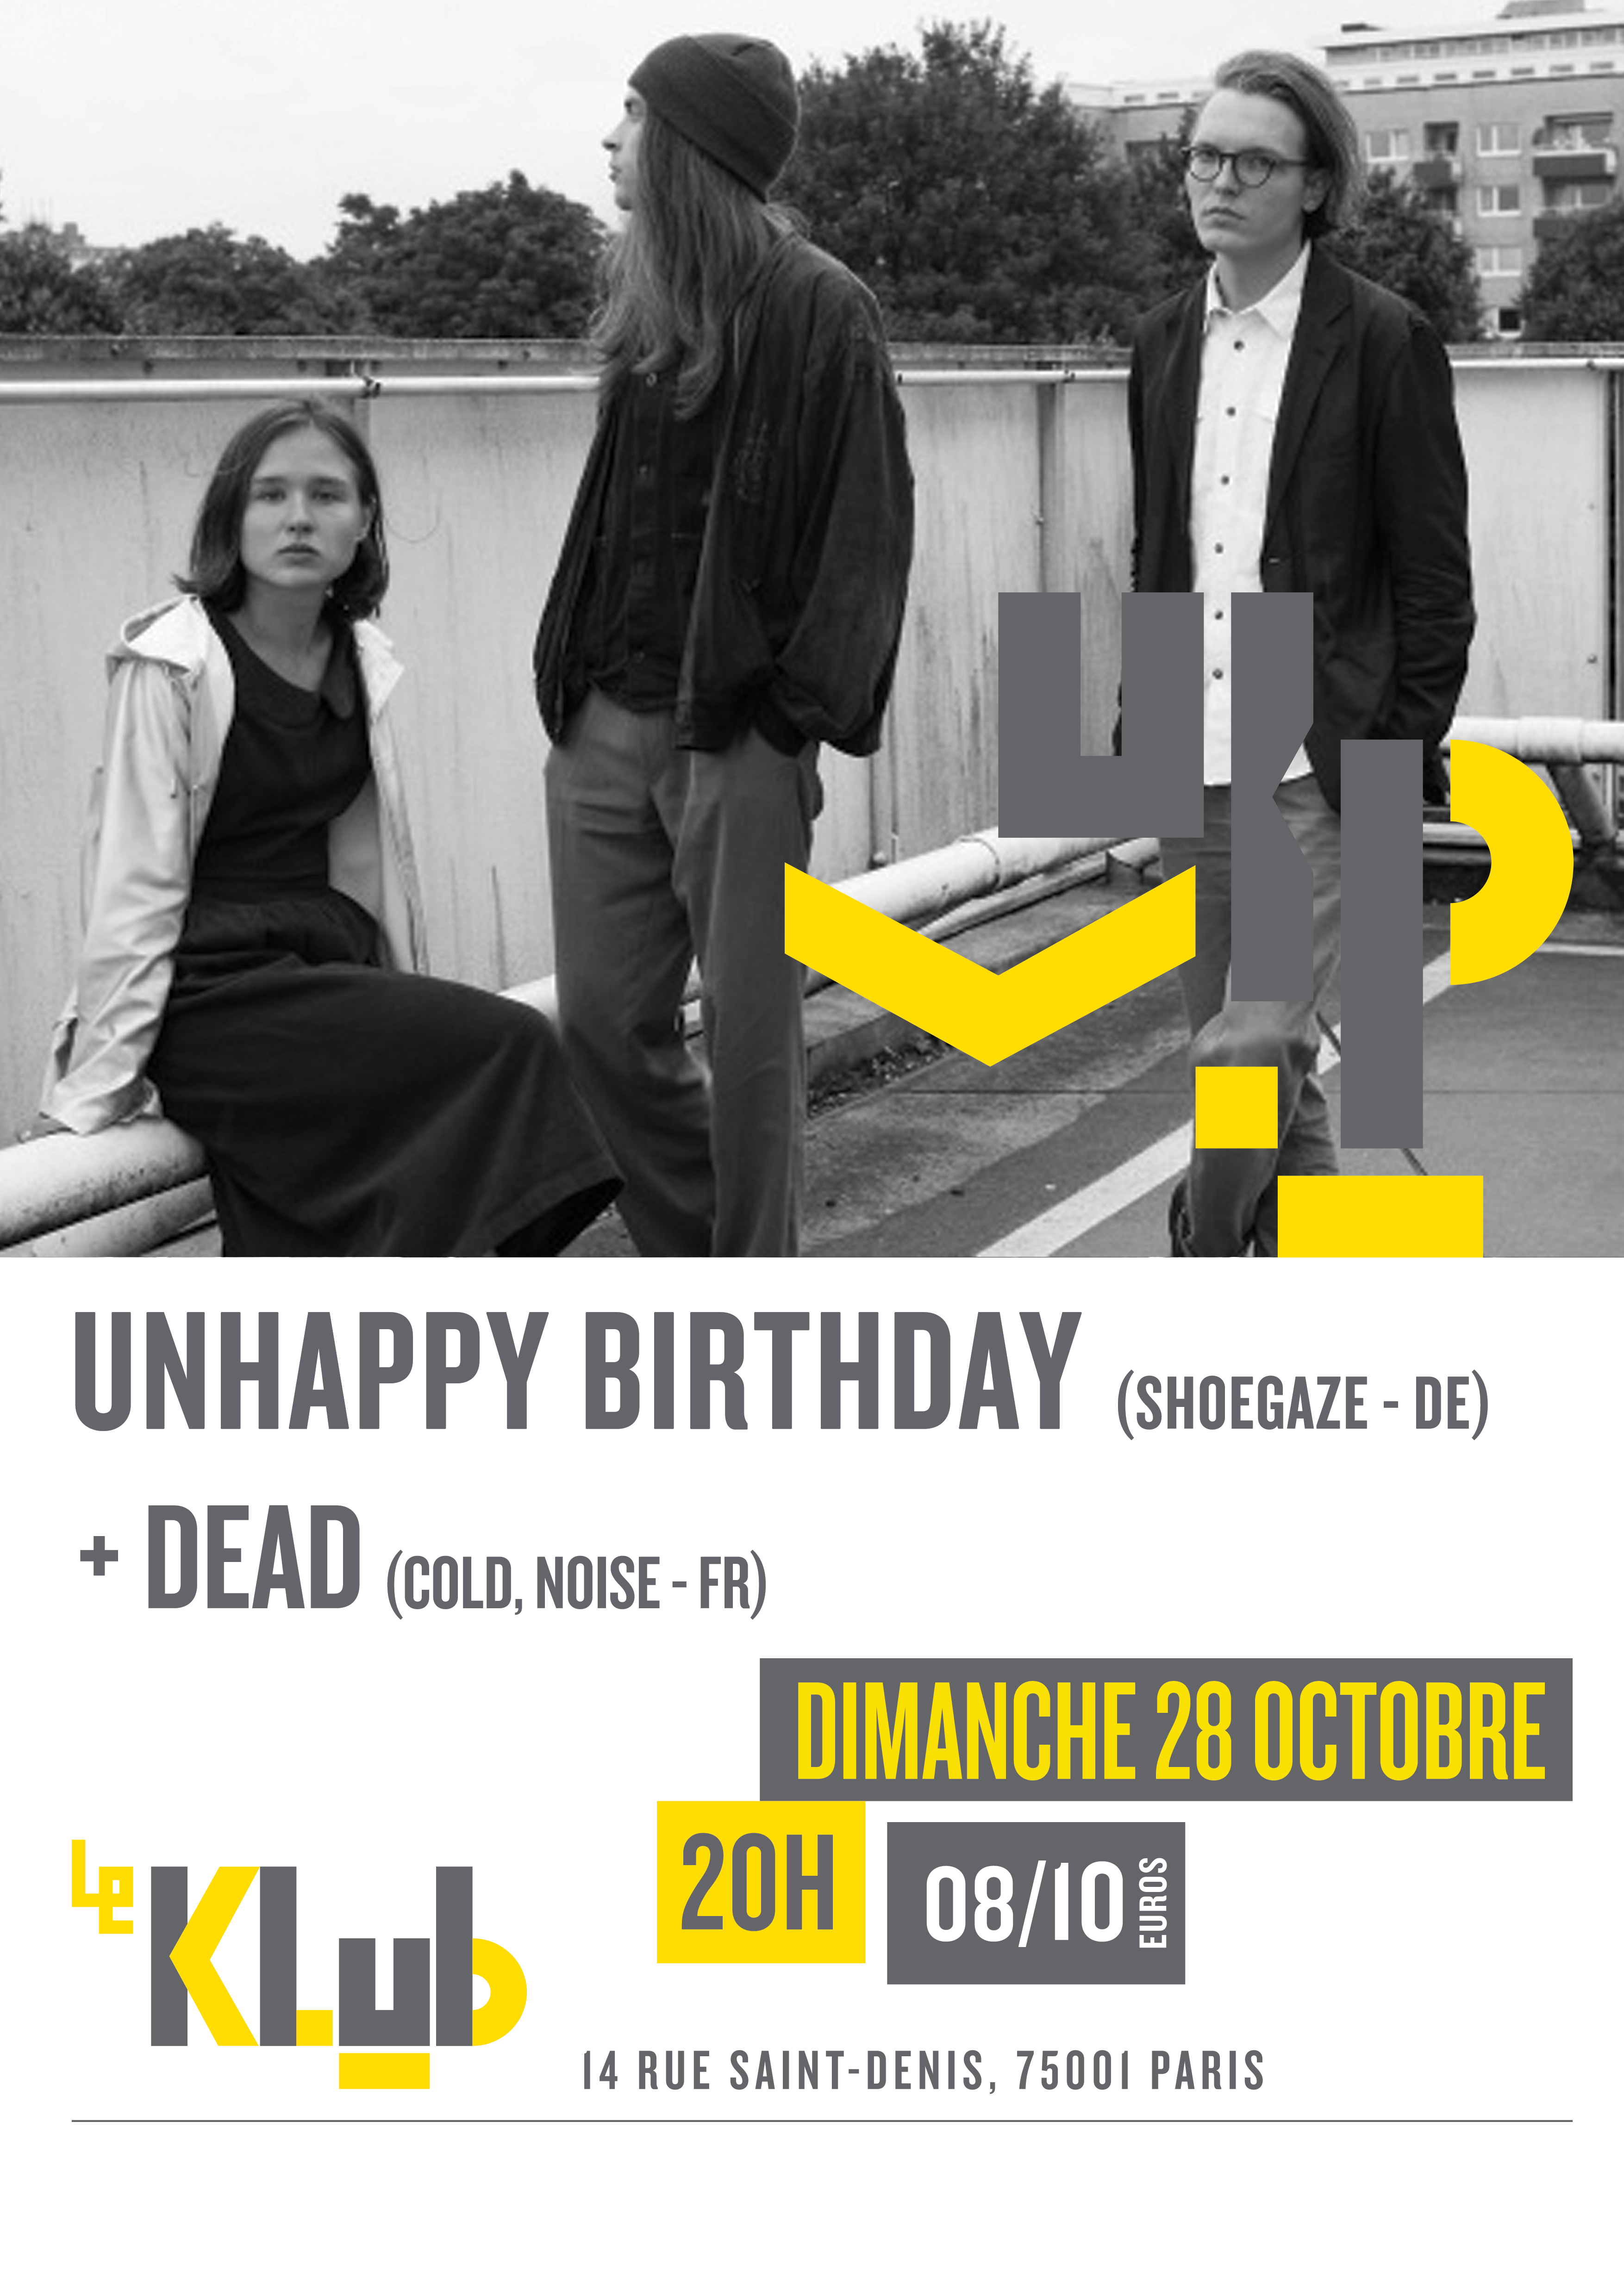 UNHAPPYBIRTHDAY + DEAD ■ 28.10